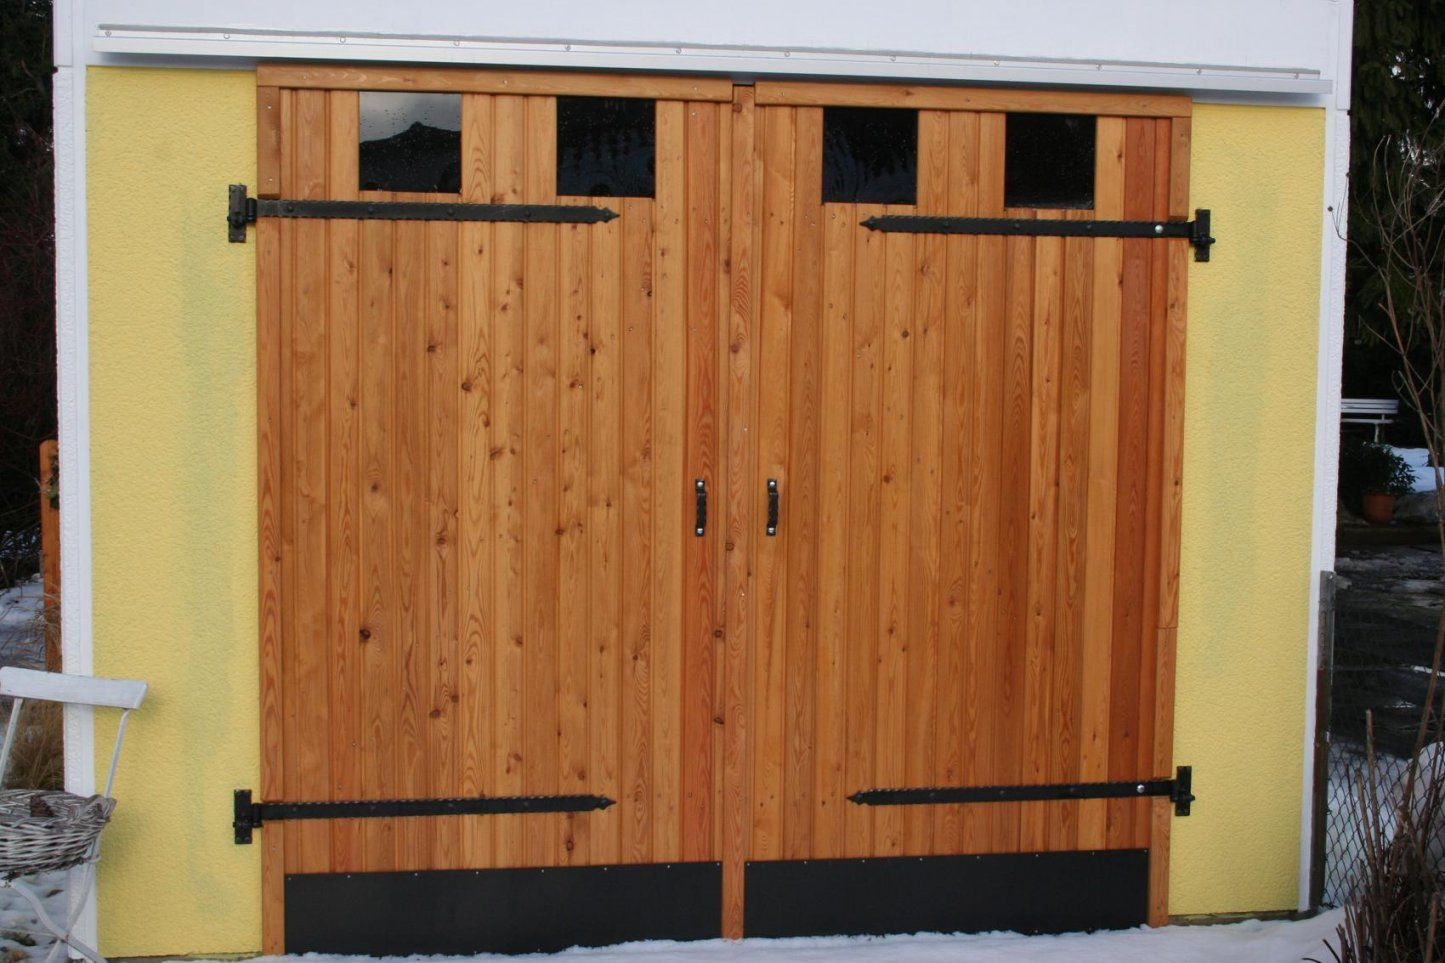 garagentor selber bauen swalif von holz garagentor selber bauen bild haus design ideen. Black Bedroom Furniture Sets. Home Design Ideas